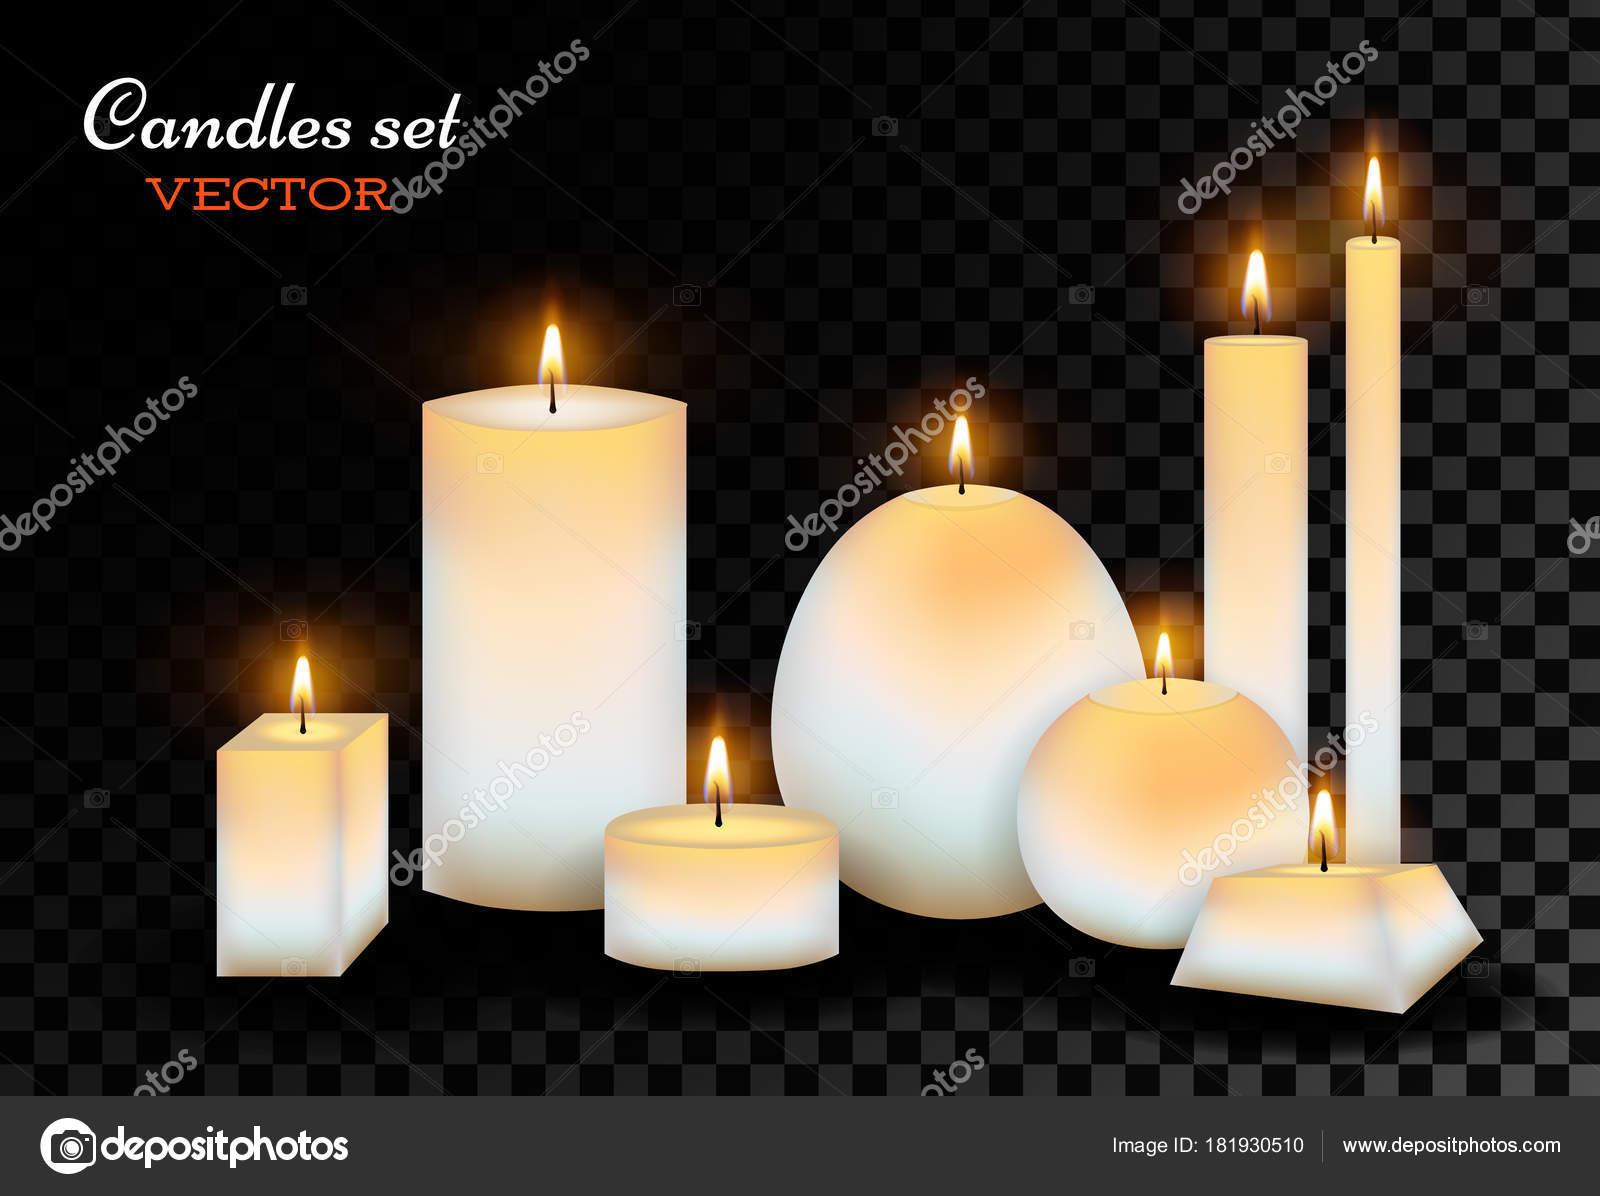 servizio di incontri a lume di candela la mia figlia cristiana sta uscendo con un musulmano